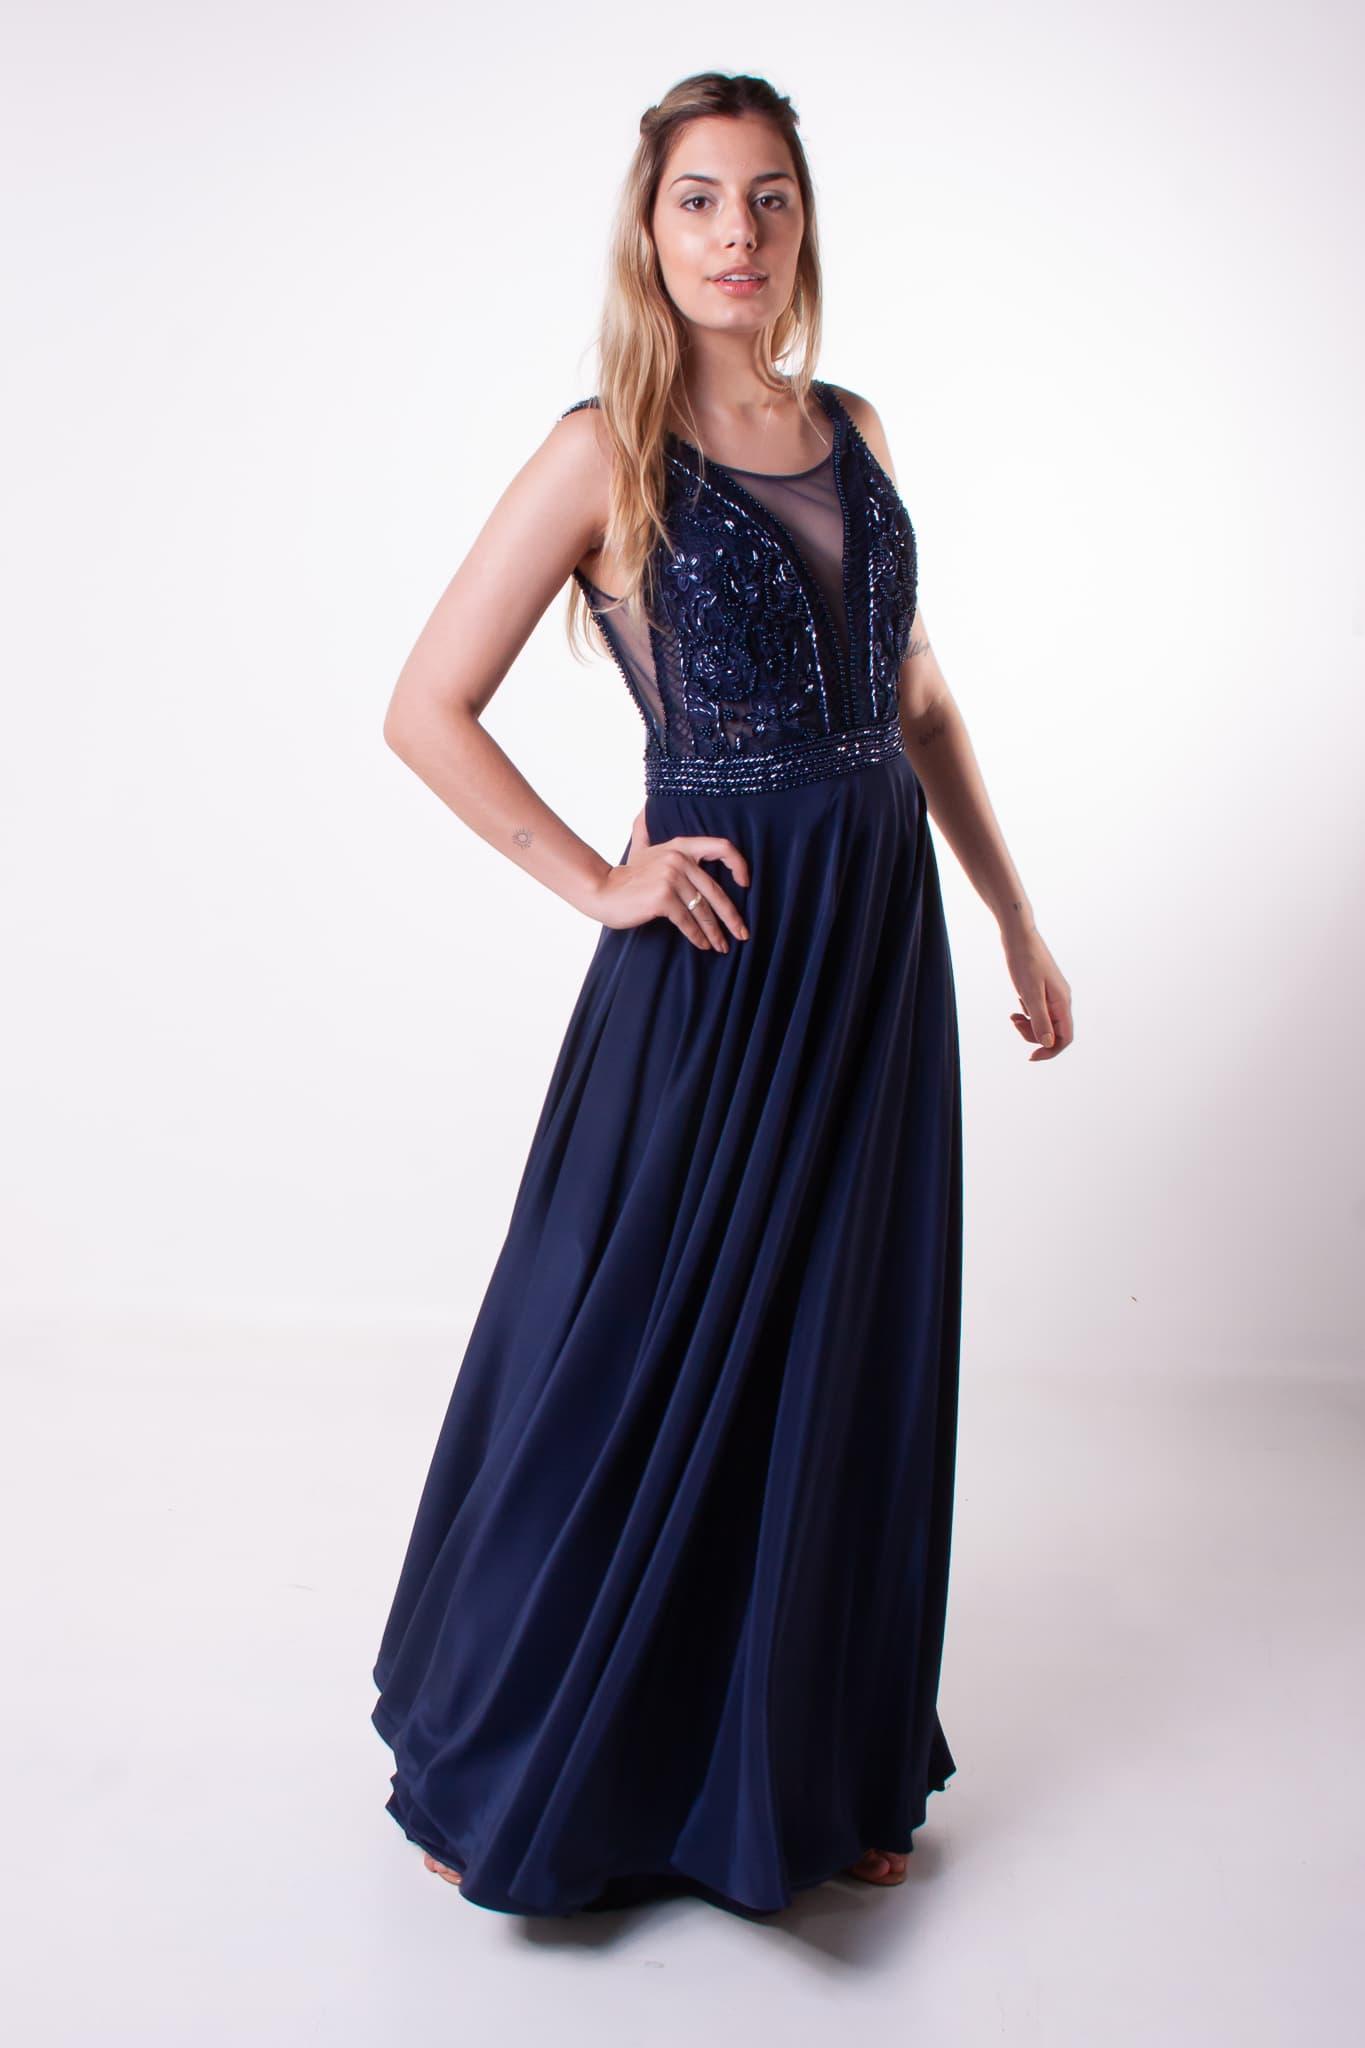 77 - Vestido azul marinho com corpo bordado